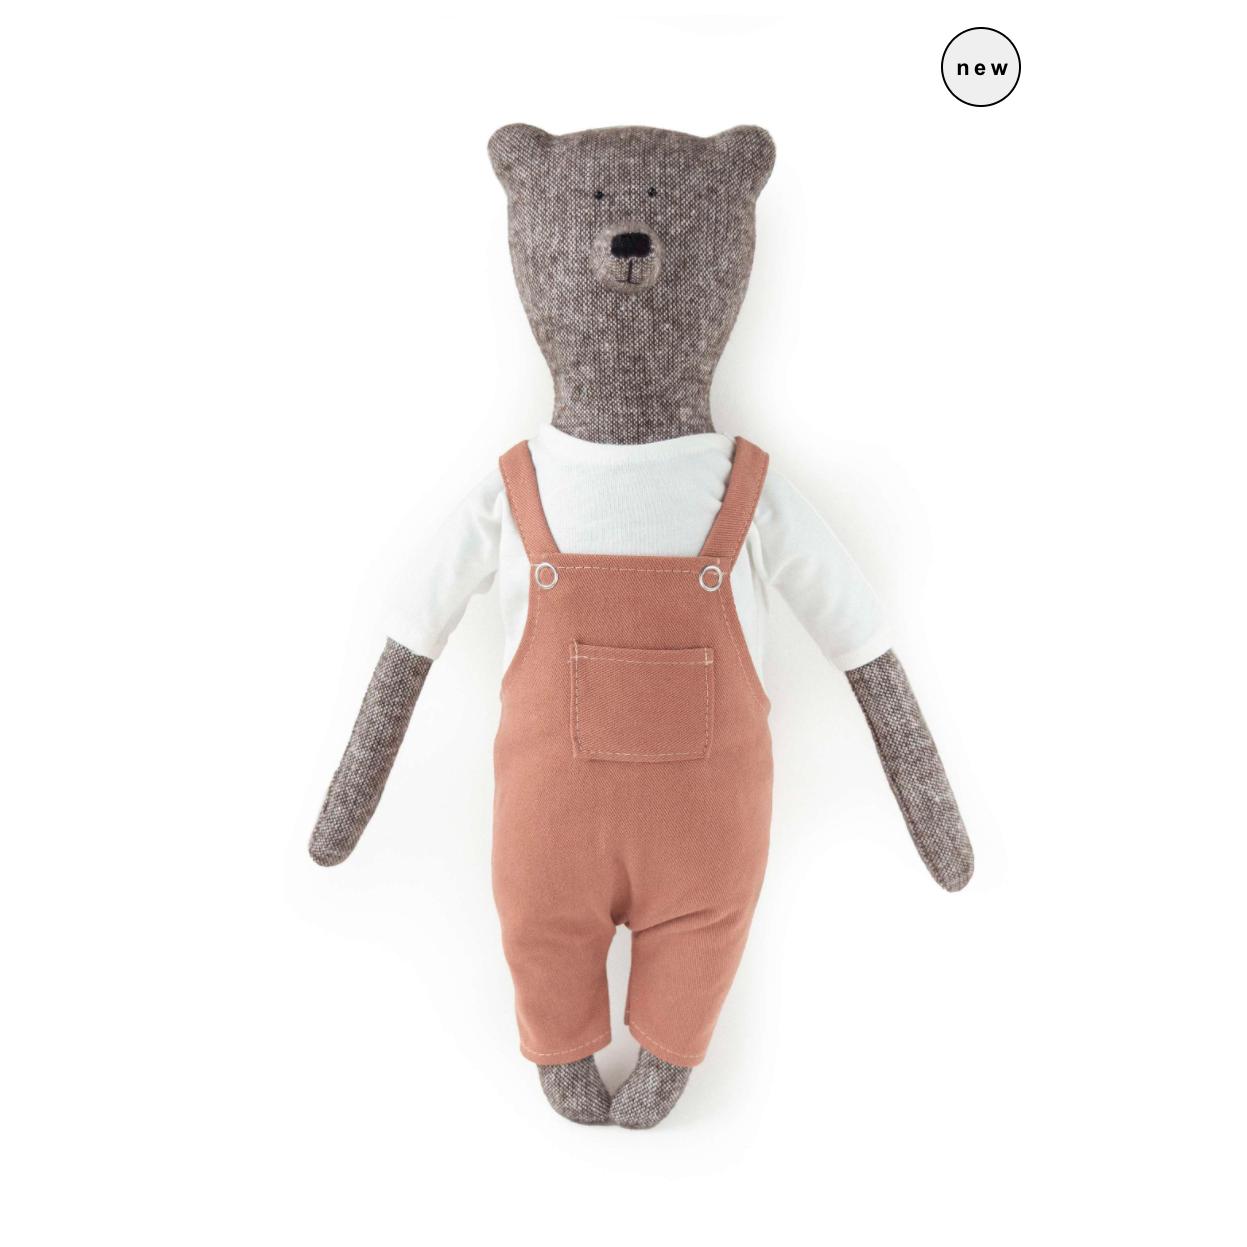 Philomena Kloss - Martin the bear -